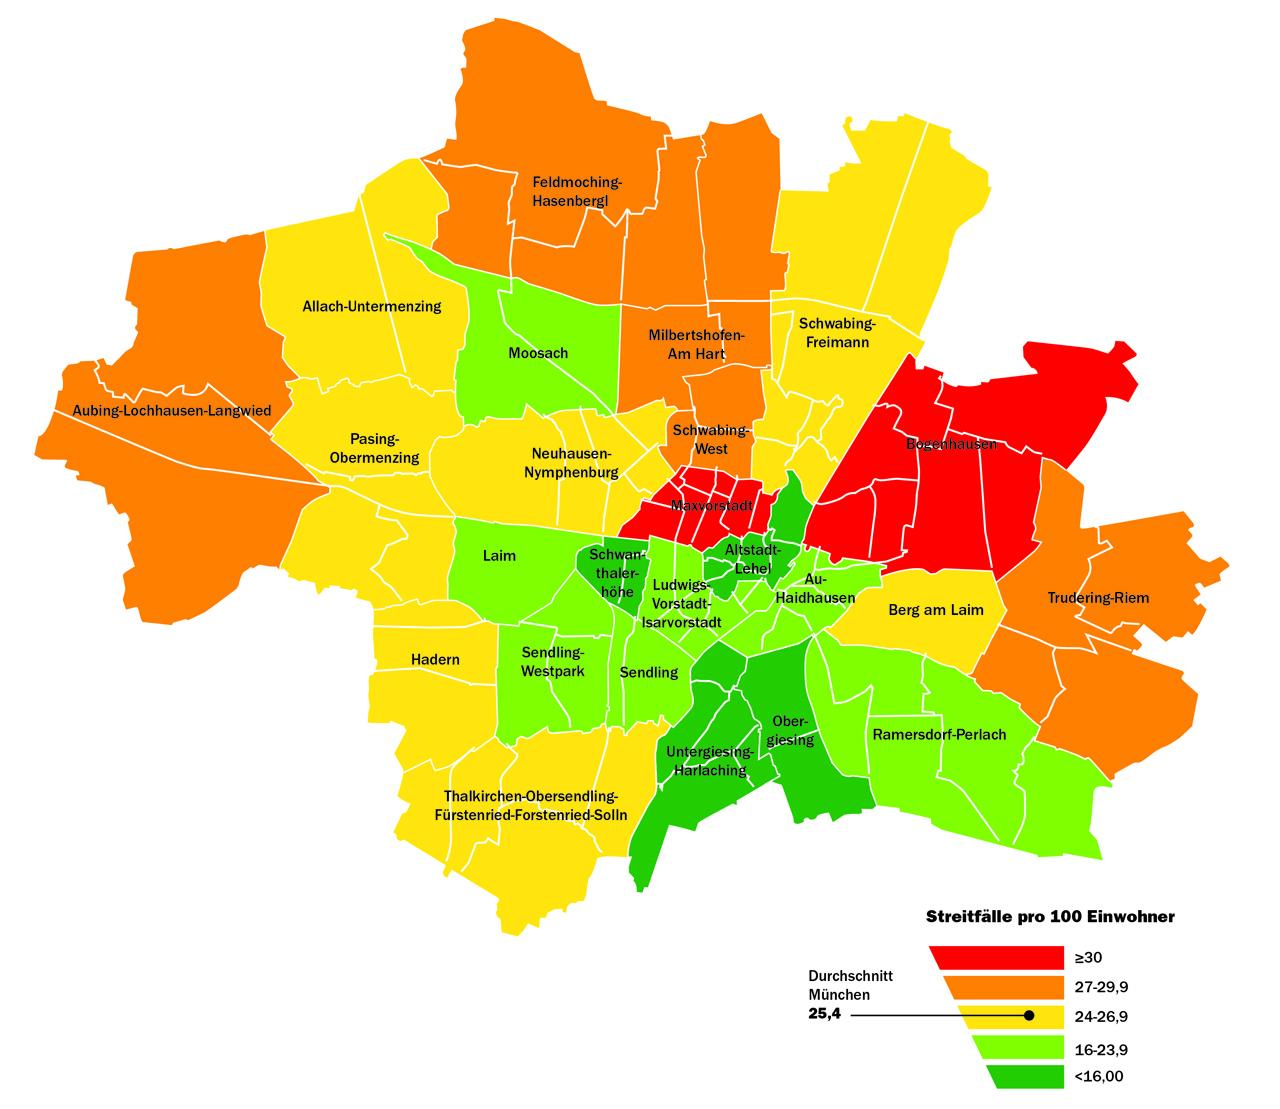 Streitatlas 2015: München - In diesen Stadtteilen wird am